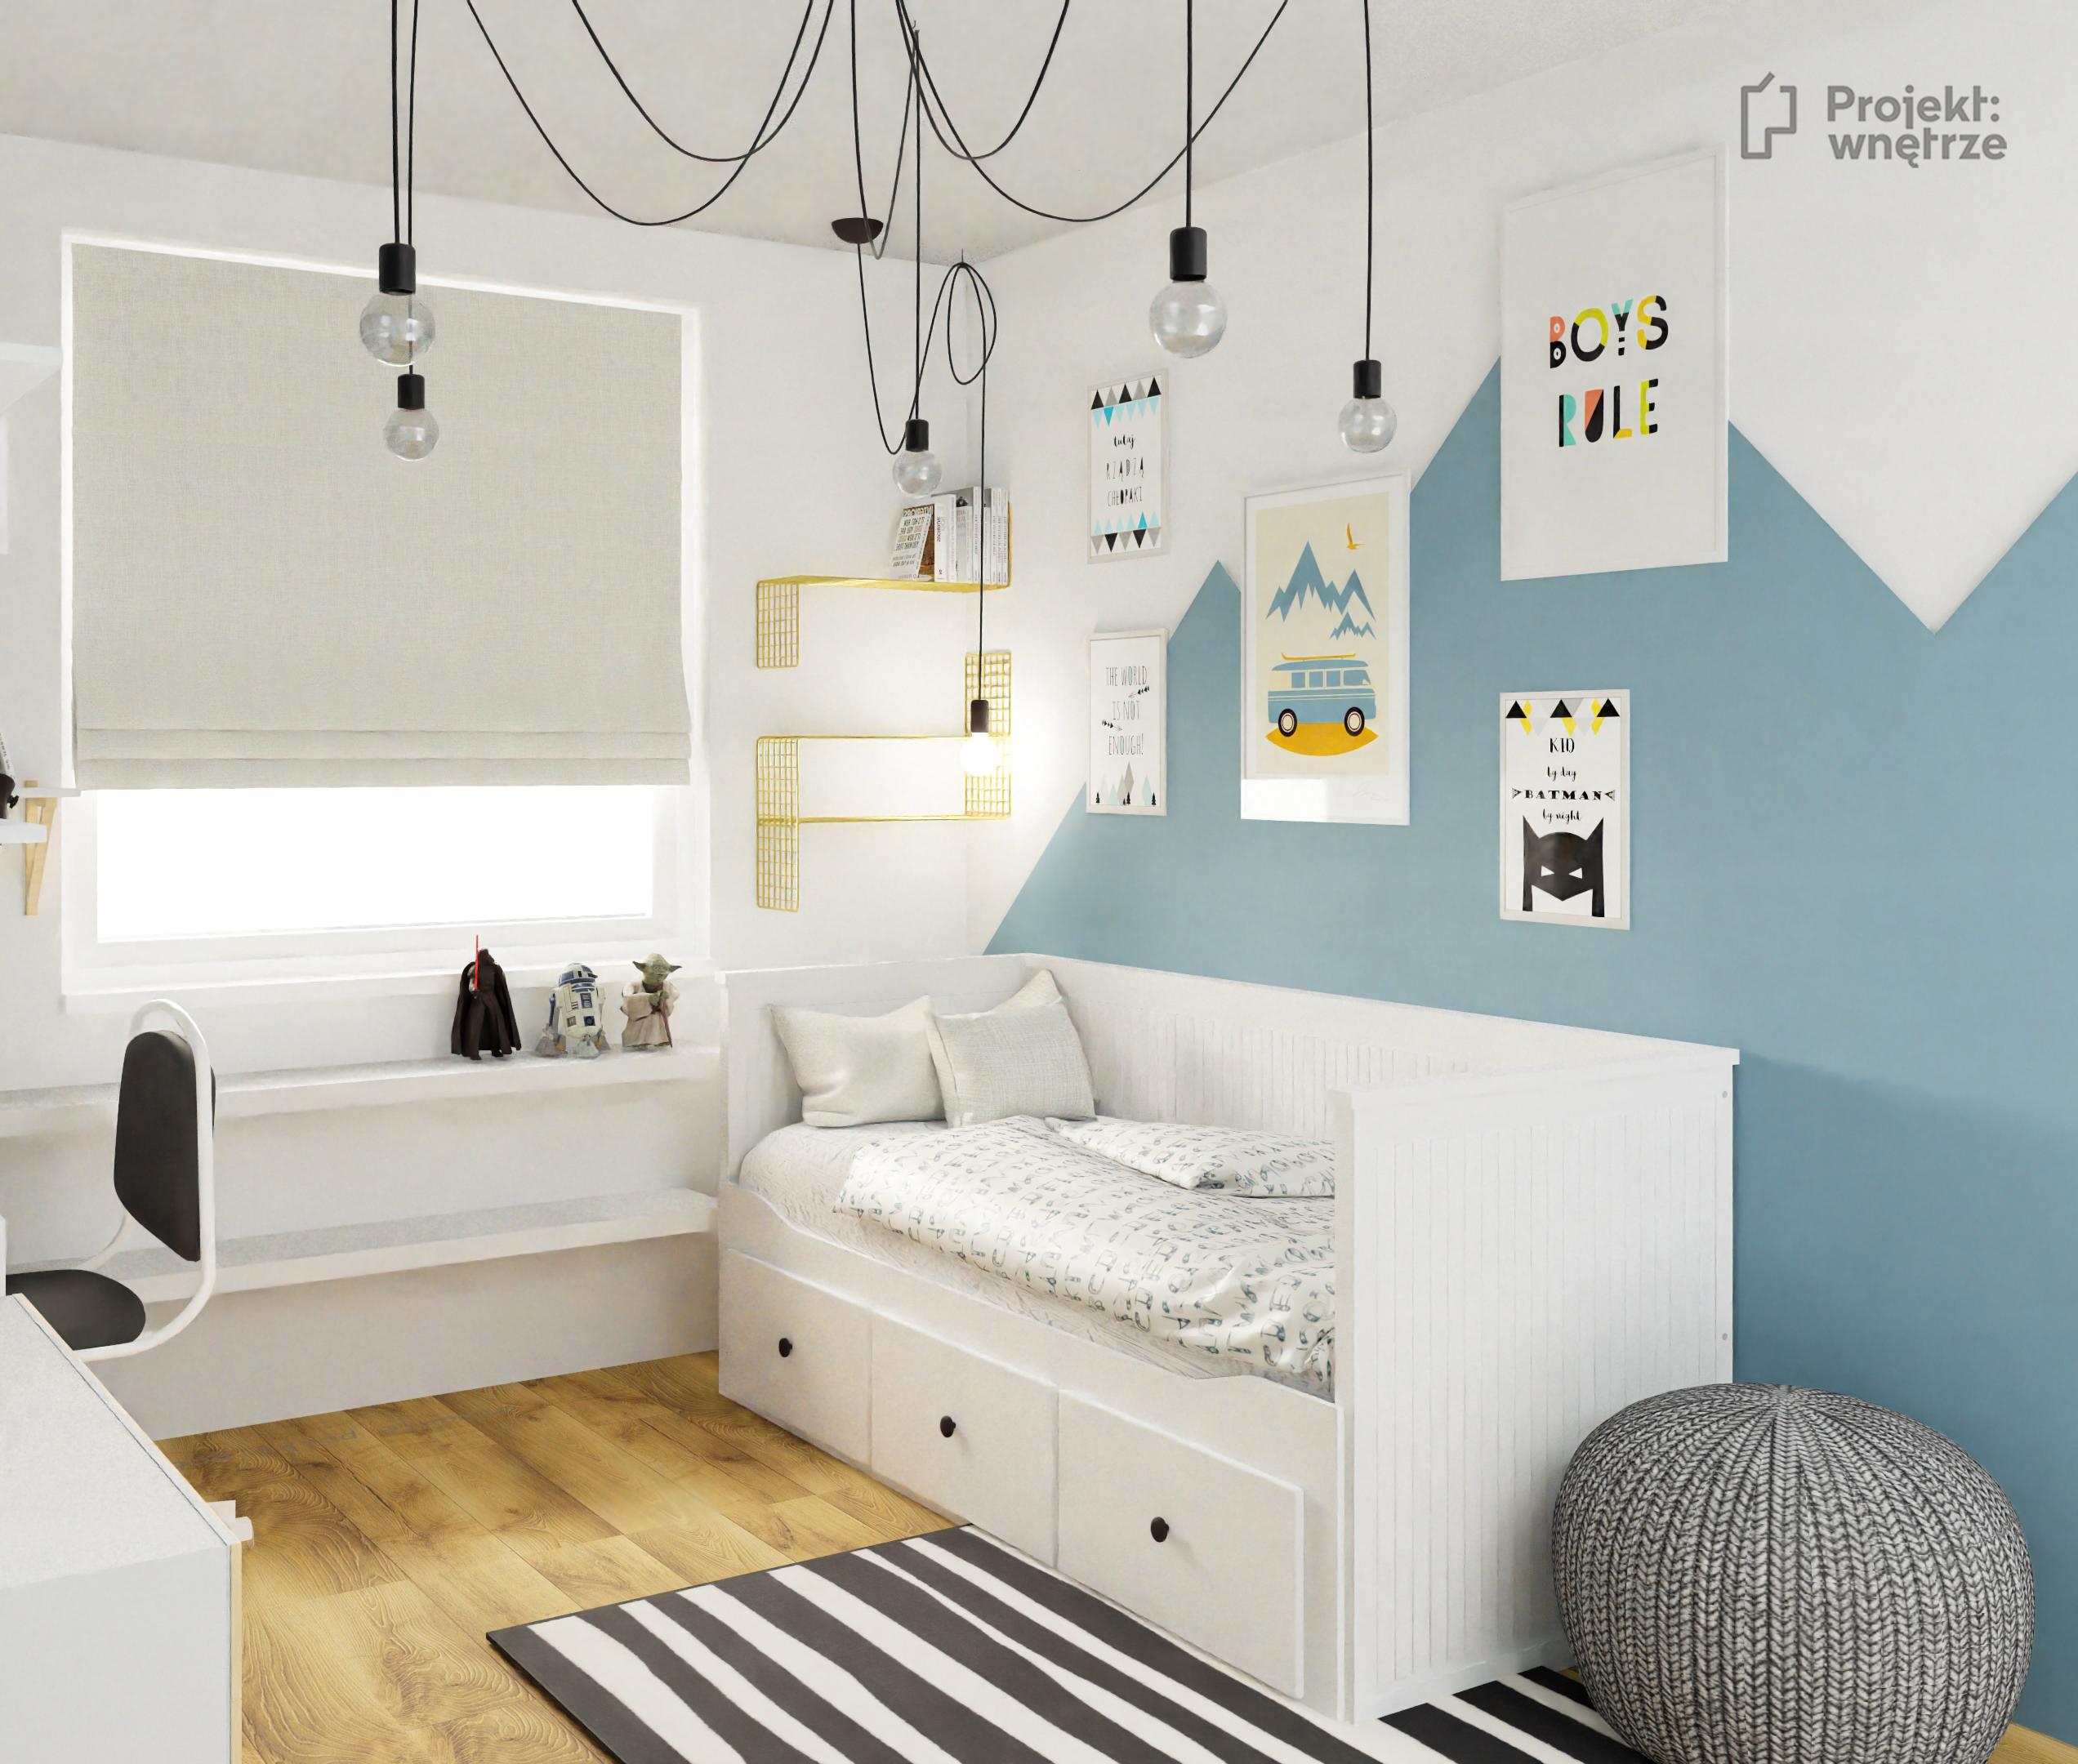 Pokój chłopca błękit góry Ikea Hemnes plakaty - projekt pokoju dziecięcego online Warszawa Projekt: wnętrze www.projektwnetrze.com.pl